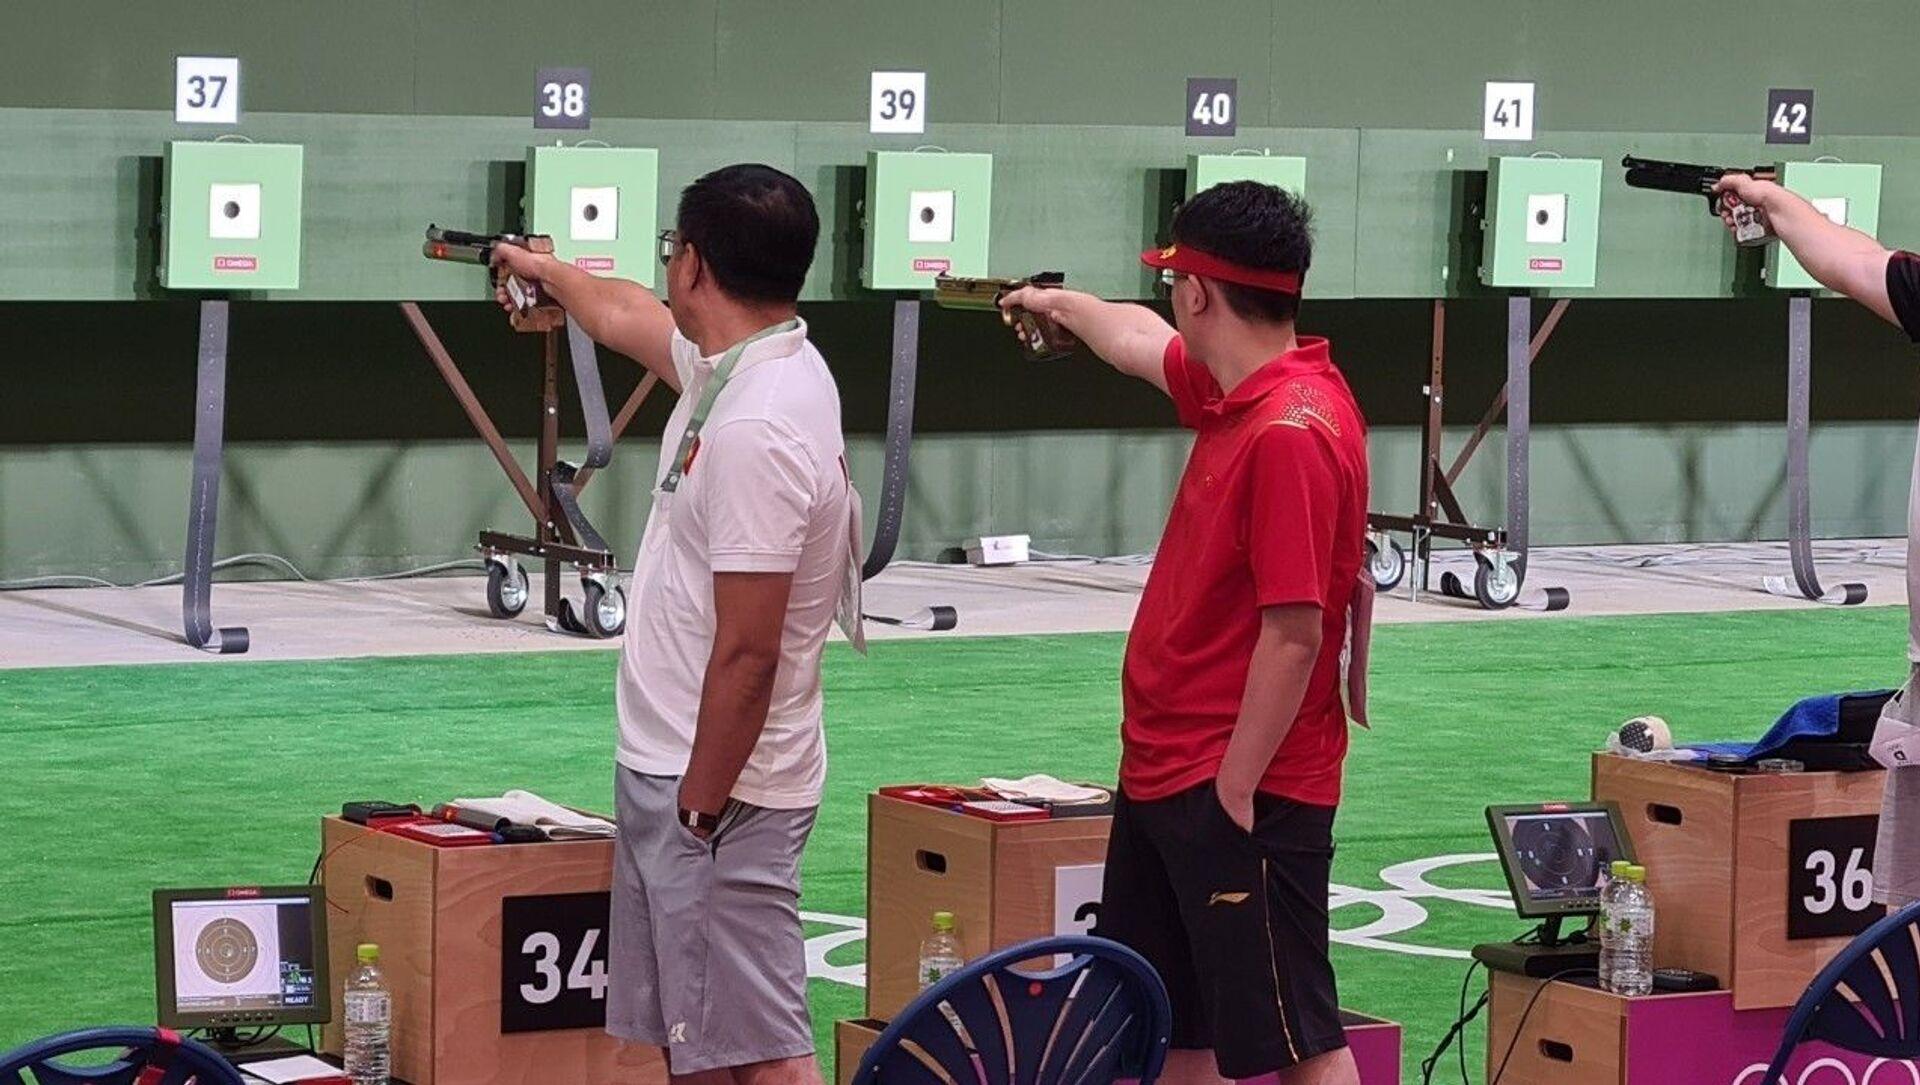 Olympic Tokyo 2020: Cập nhật thành tích thi đấu của đoàn thể thao Việt Nam đến đầu giờ chiều ngày 24/7 - Sputnik Việt Nam, 1920, 24.07.2021